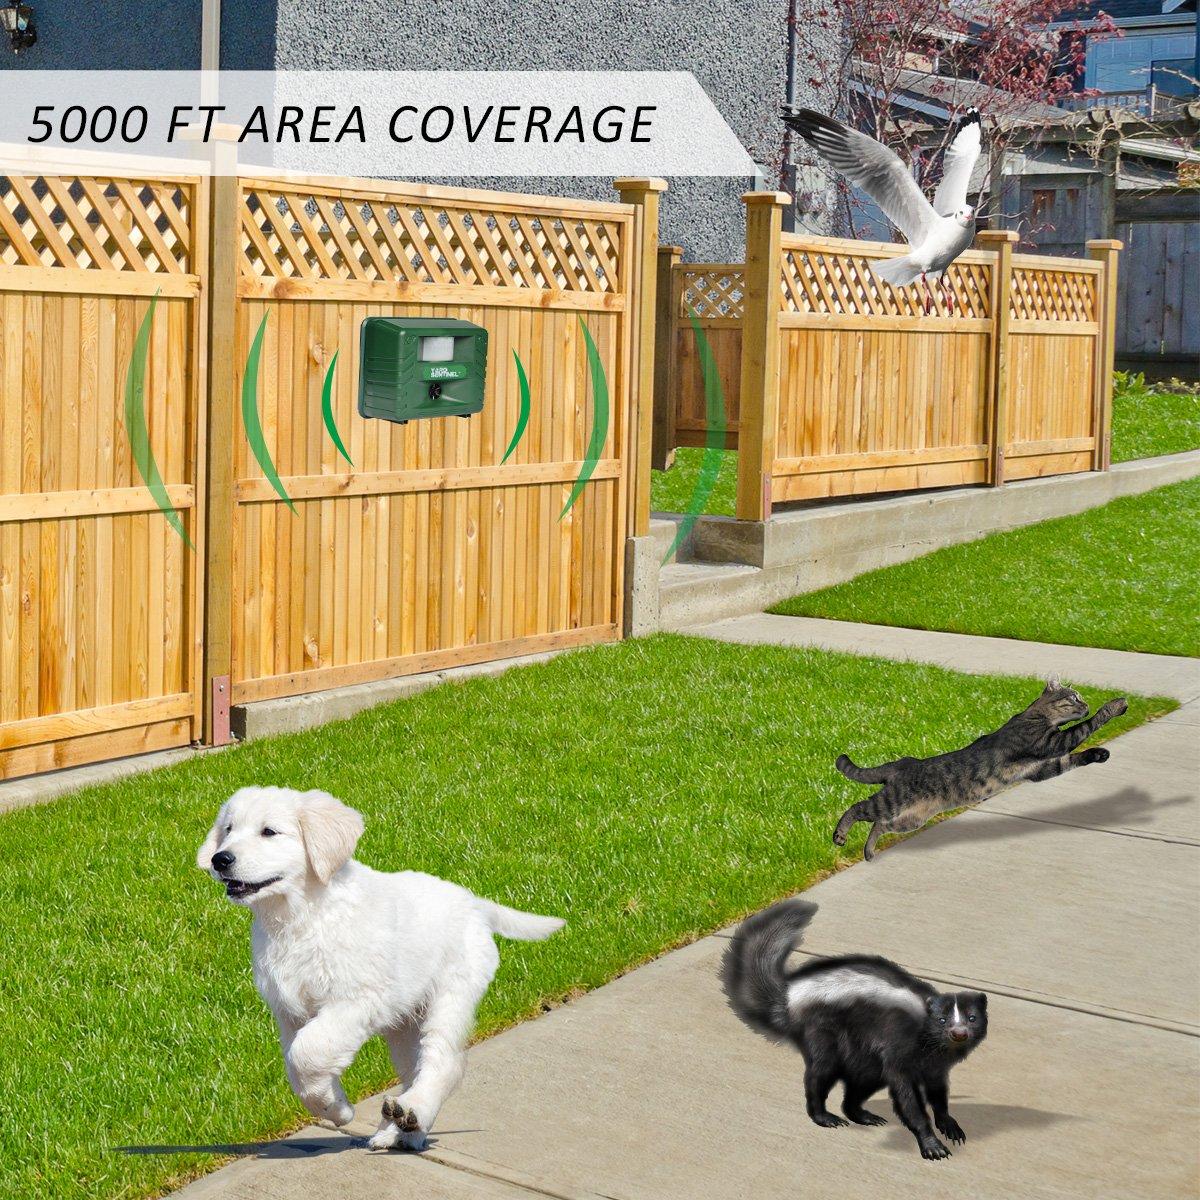 ASPECTEK Ultrasonidos Ahuyentador de Animales y Plagas, Ahuyentador de Gatos Y Perros con Parpadeo de la Luz LED (Sin Control Remoto): Amazon.es: Hogar